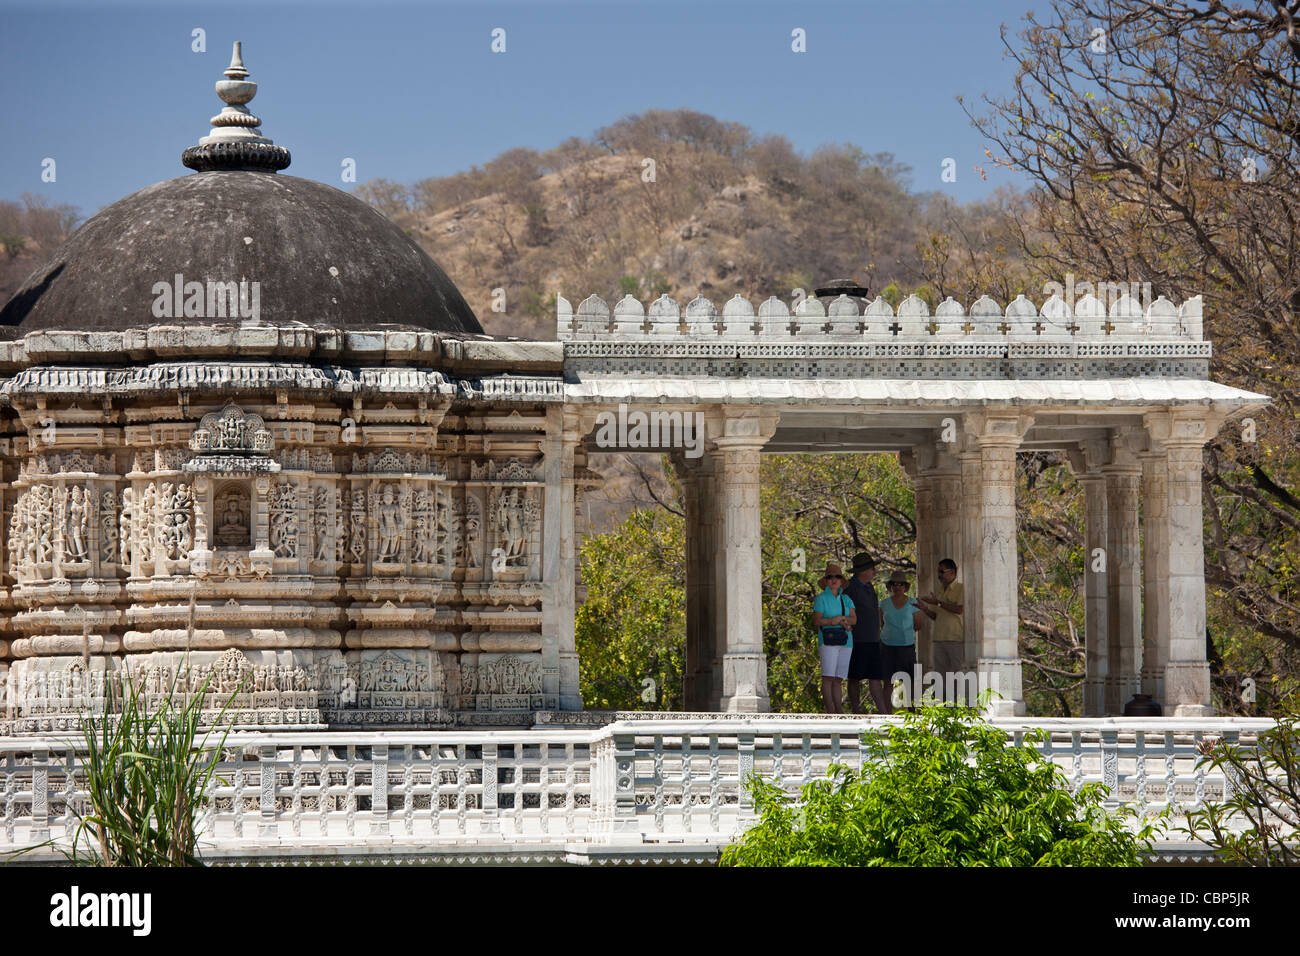 Touristen mit Tourguide bei Ranakpur Jain Tempel in Desuri Tehsil in Pali Bezirk von Rajasthan, Westindien Stockbild